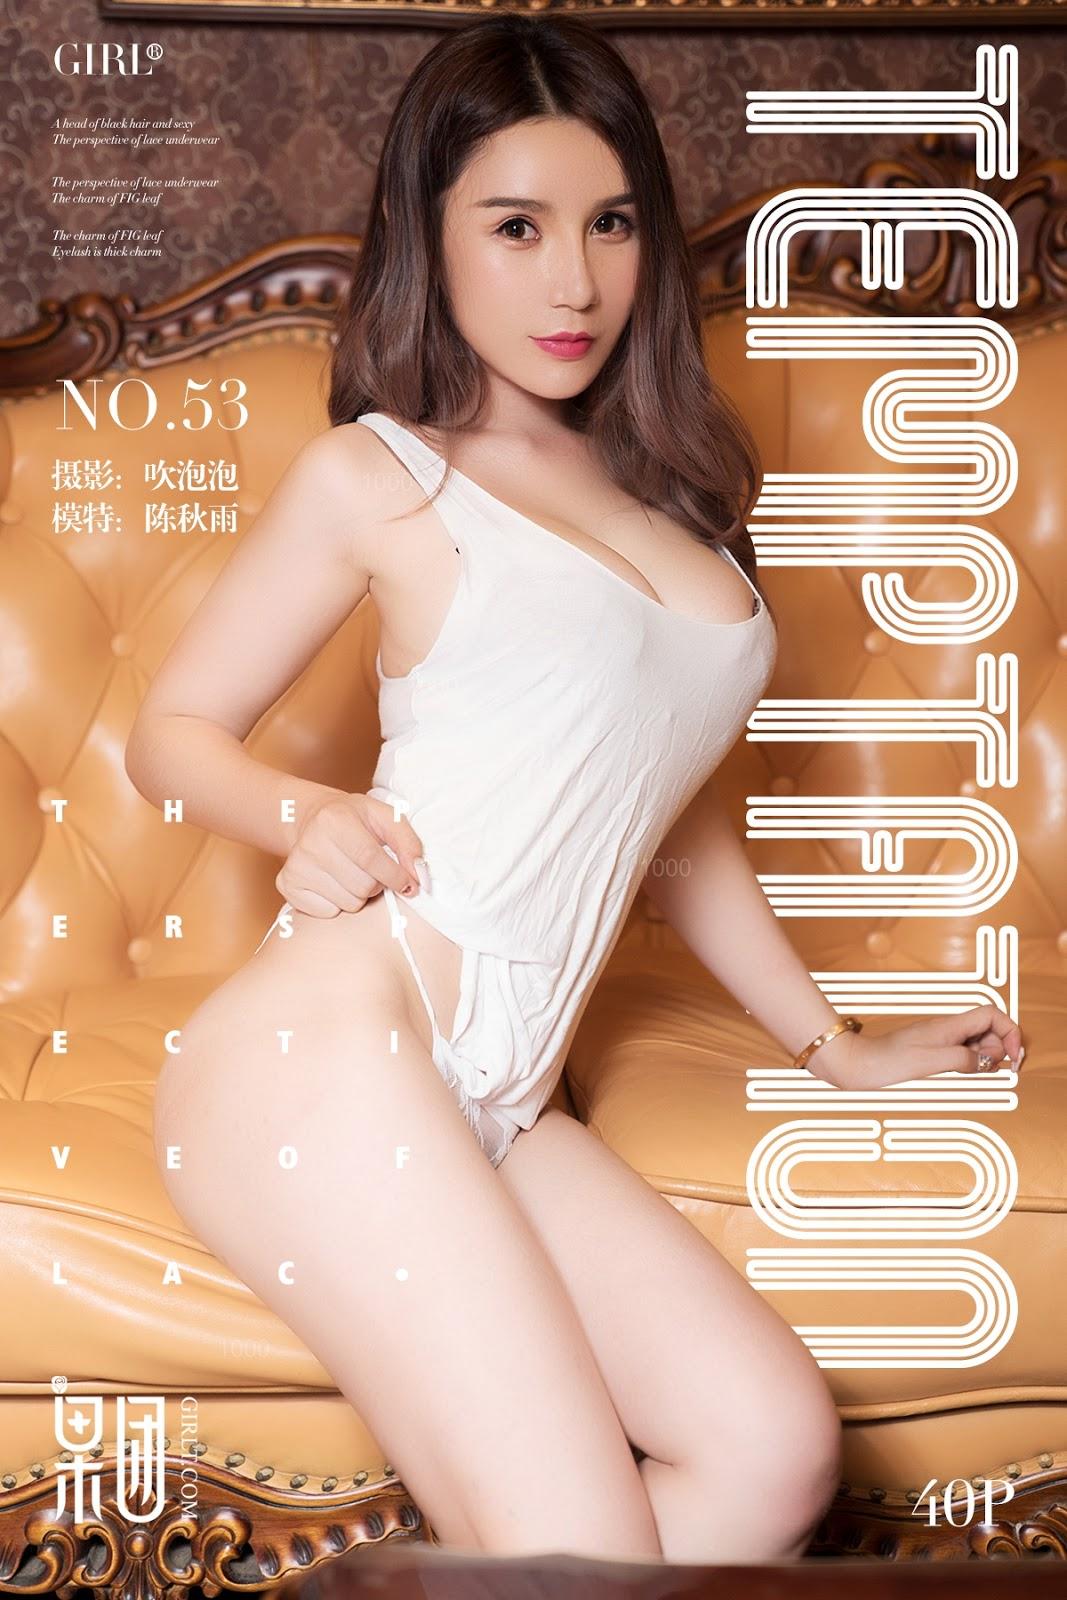 GIRLT No.053